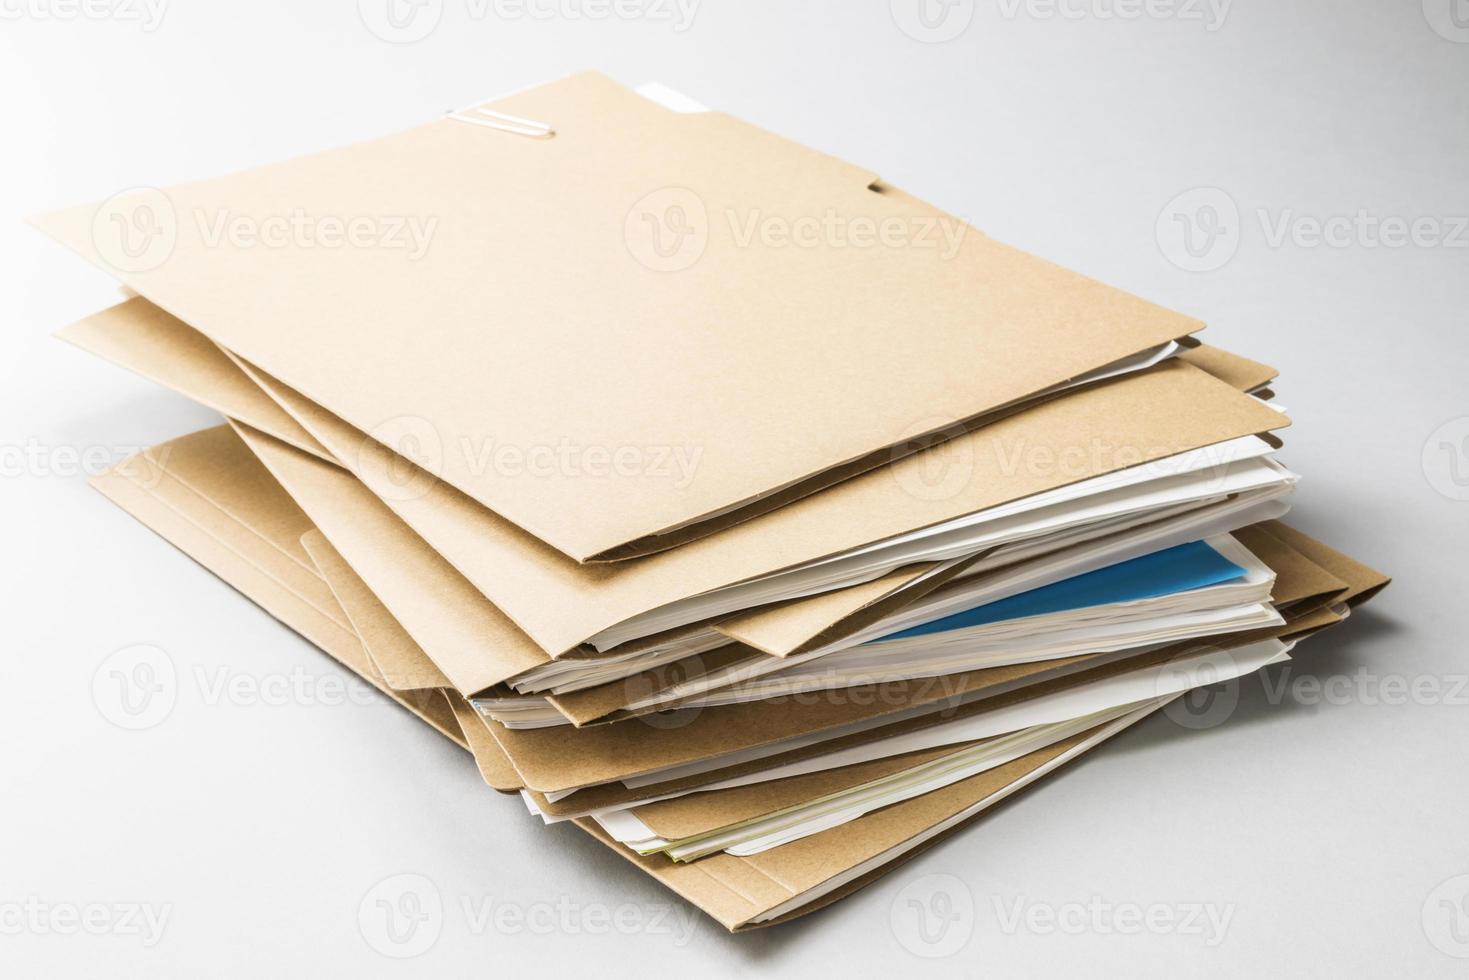 Dateien. foto